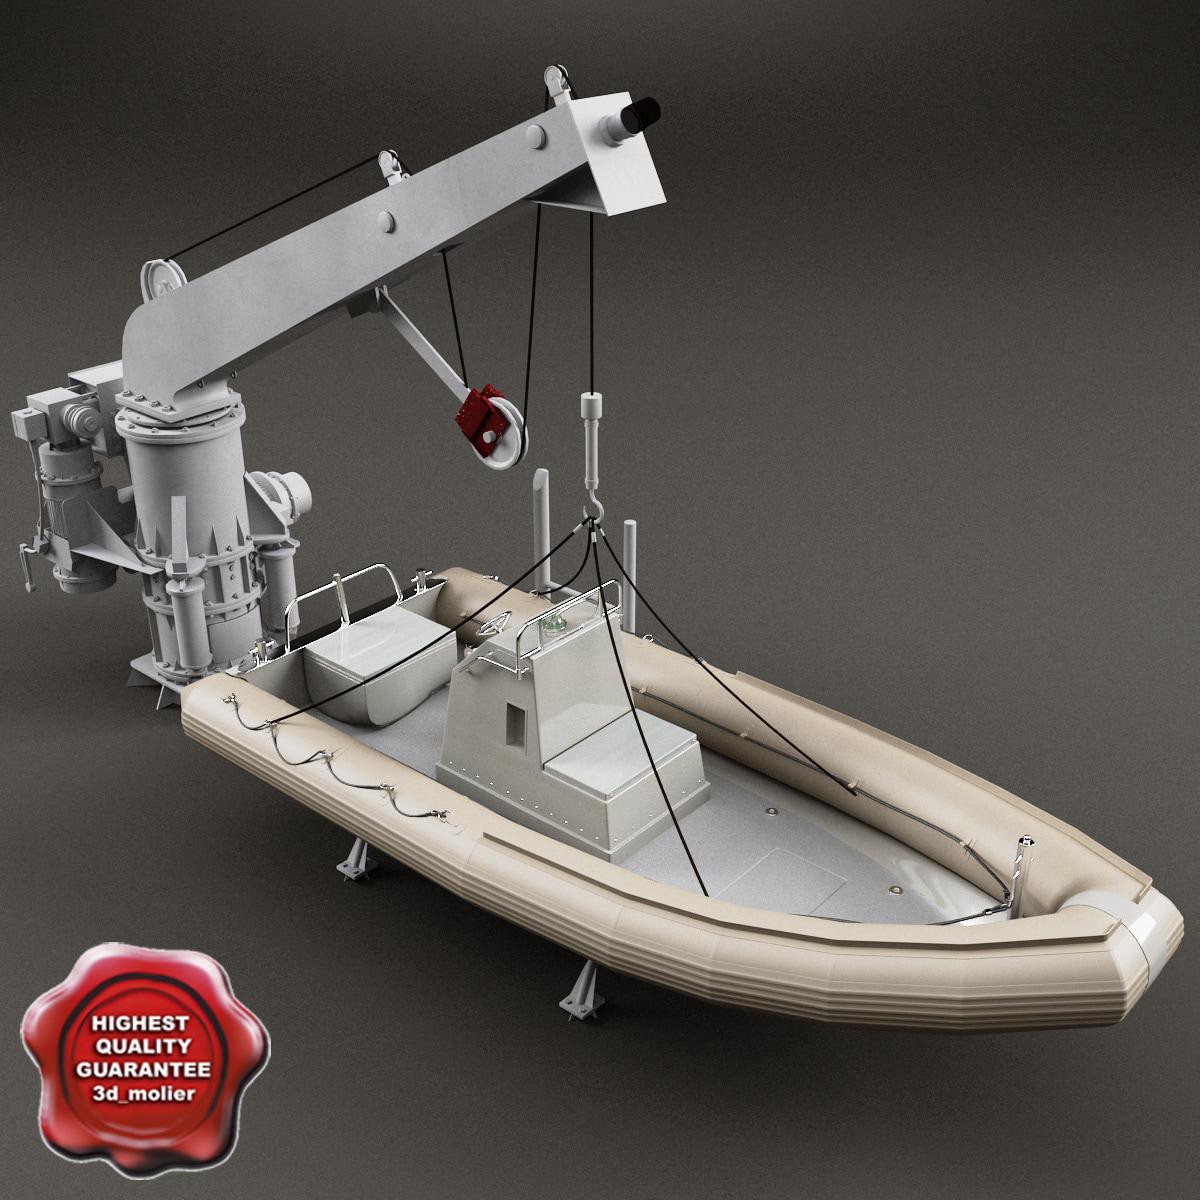 Boat_Davit_and_Rescue_Boat_00.jpg